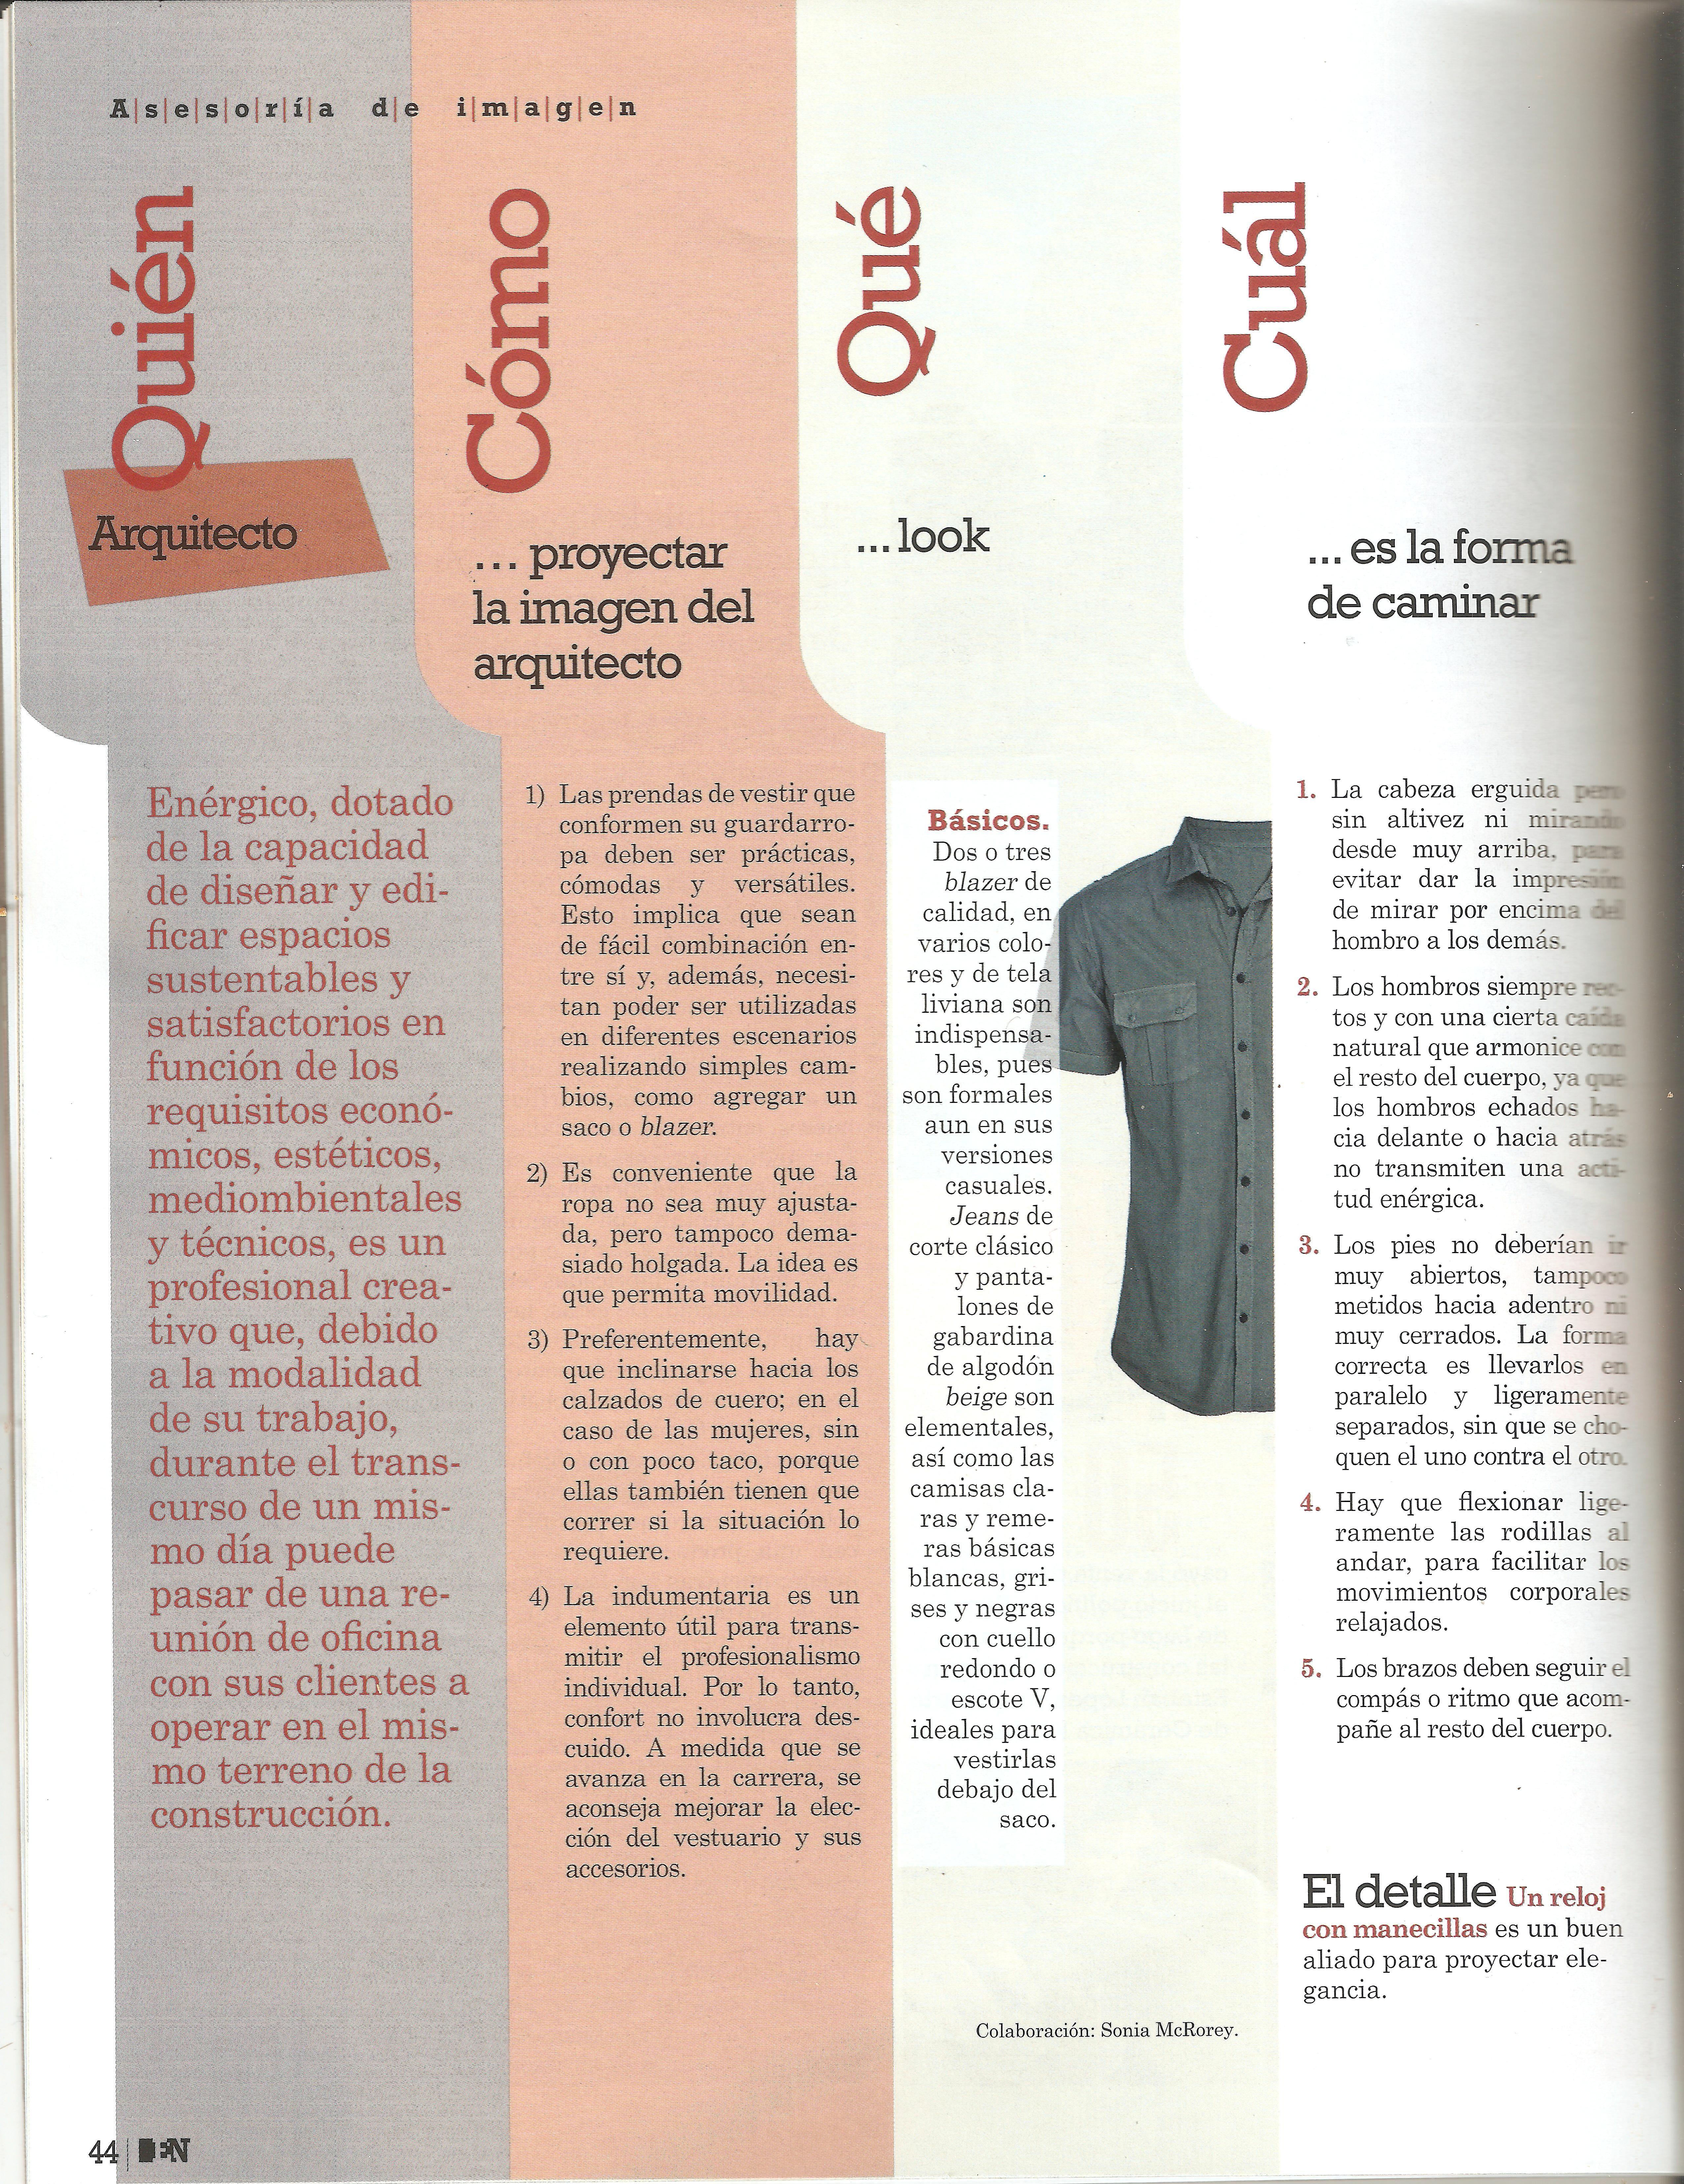 #Arquitecto.Colaboración Publicada hoy en la Revista Mensual Empresas y Negocios de abc #AsesoriaDeImagen #Paraguay